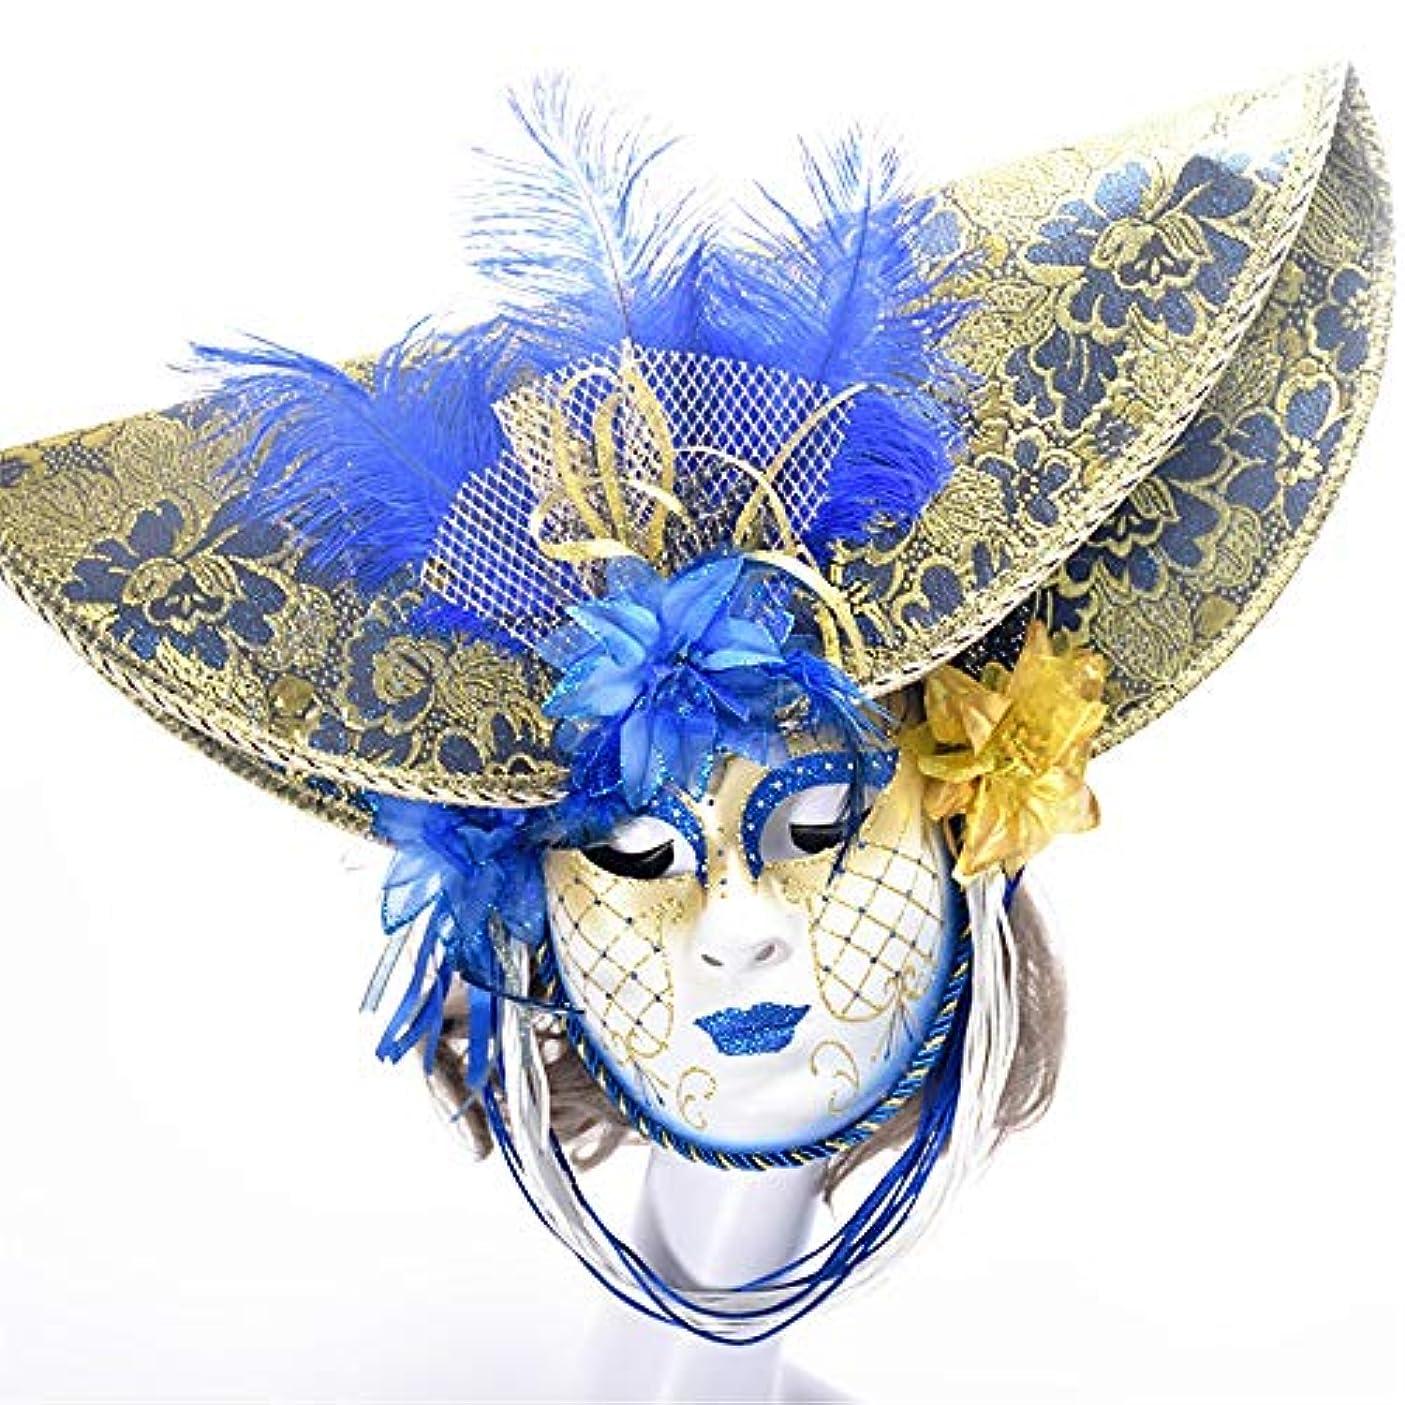 メキシコ前書きスピーカーダンスマスク 手描きフルフェイスマスク大人仮装パーティーブルーフェイスナイトクラブパーティーフェスティバルロールプレイングプラスチックマスク ホリデーパーティー用品 (色 : 青, サイズ : 55x35cm)